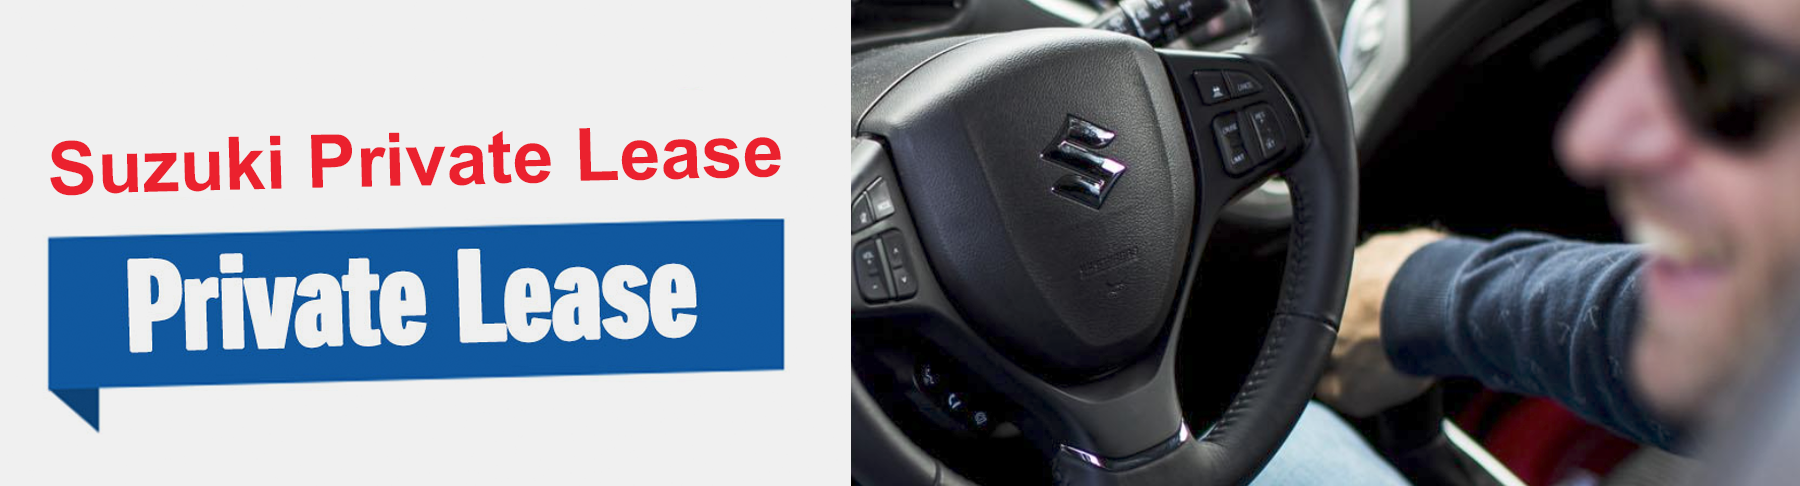 Suzuki Private Lease bij Reno auto